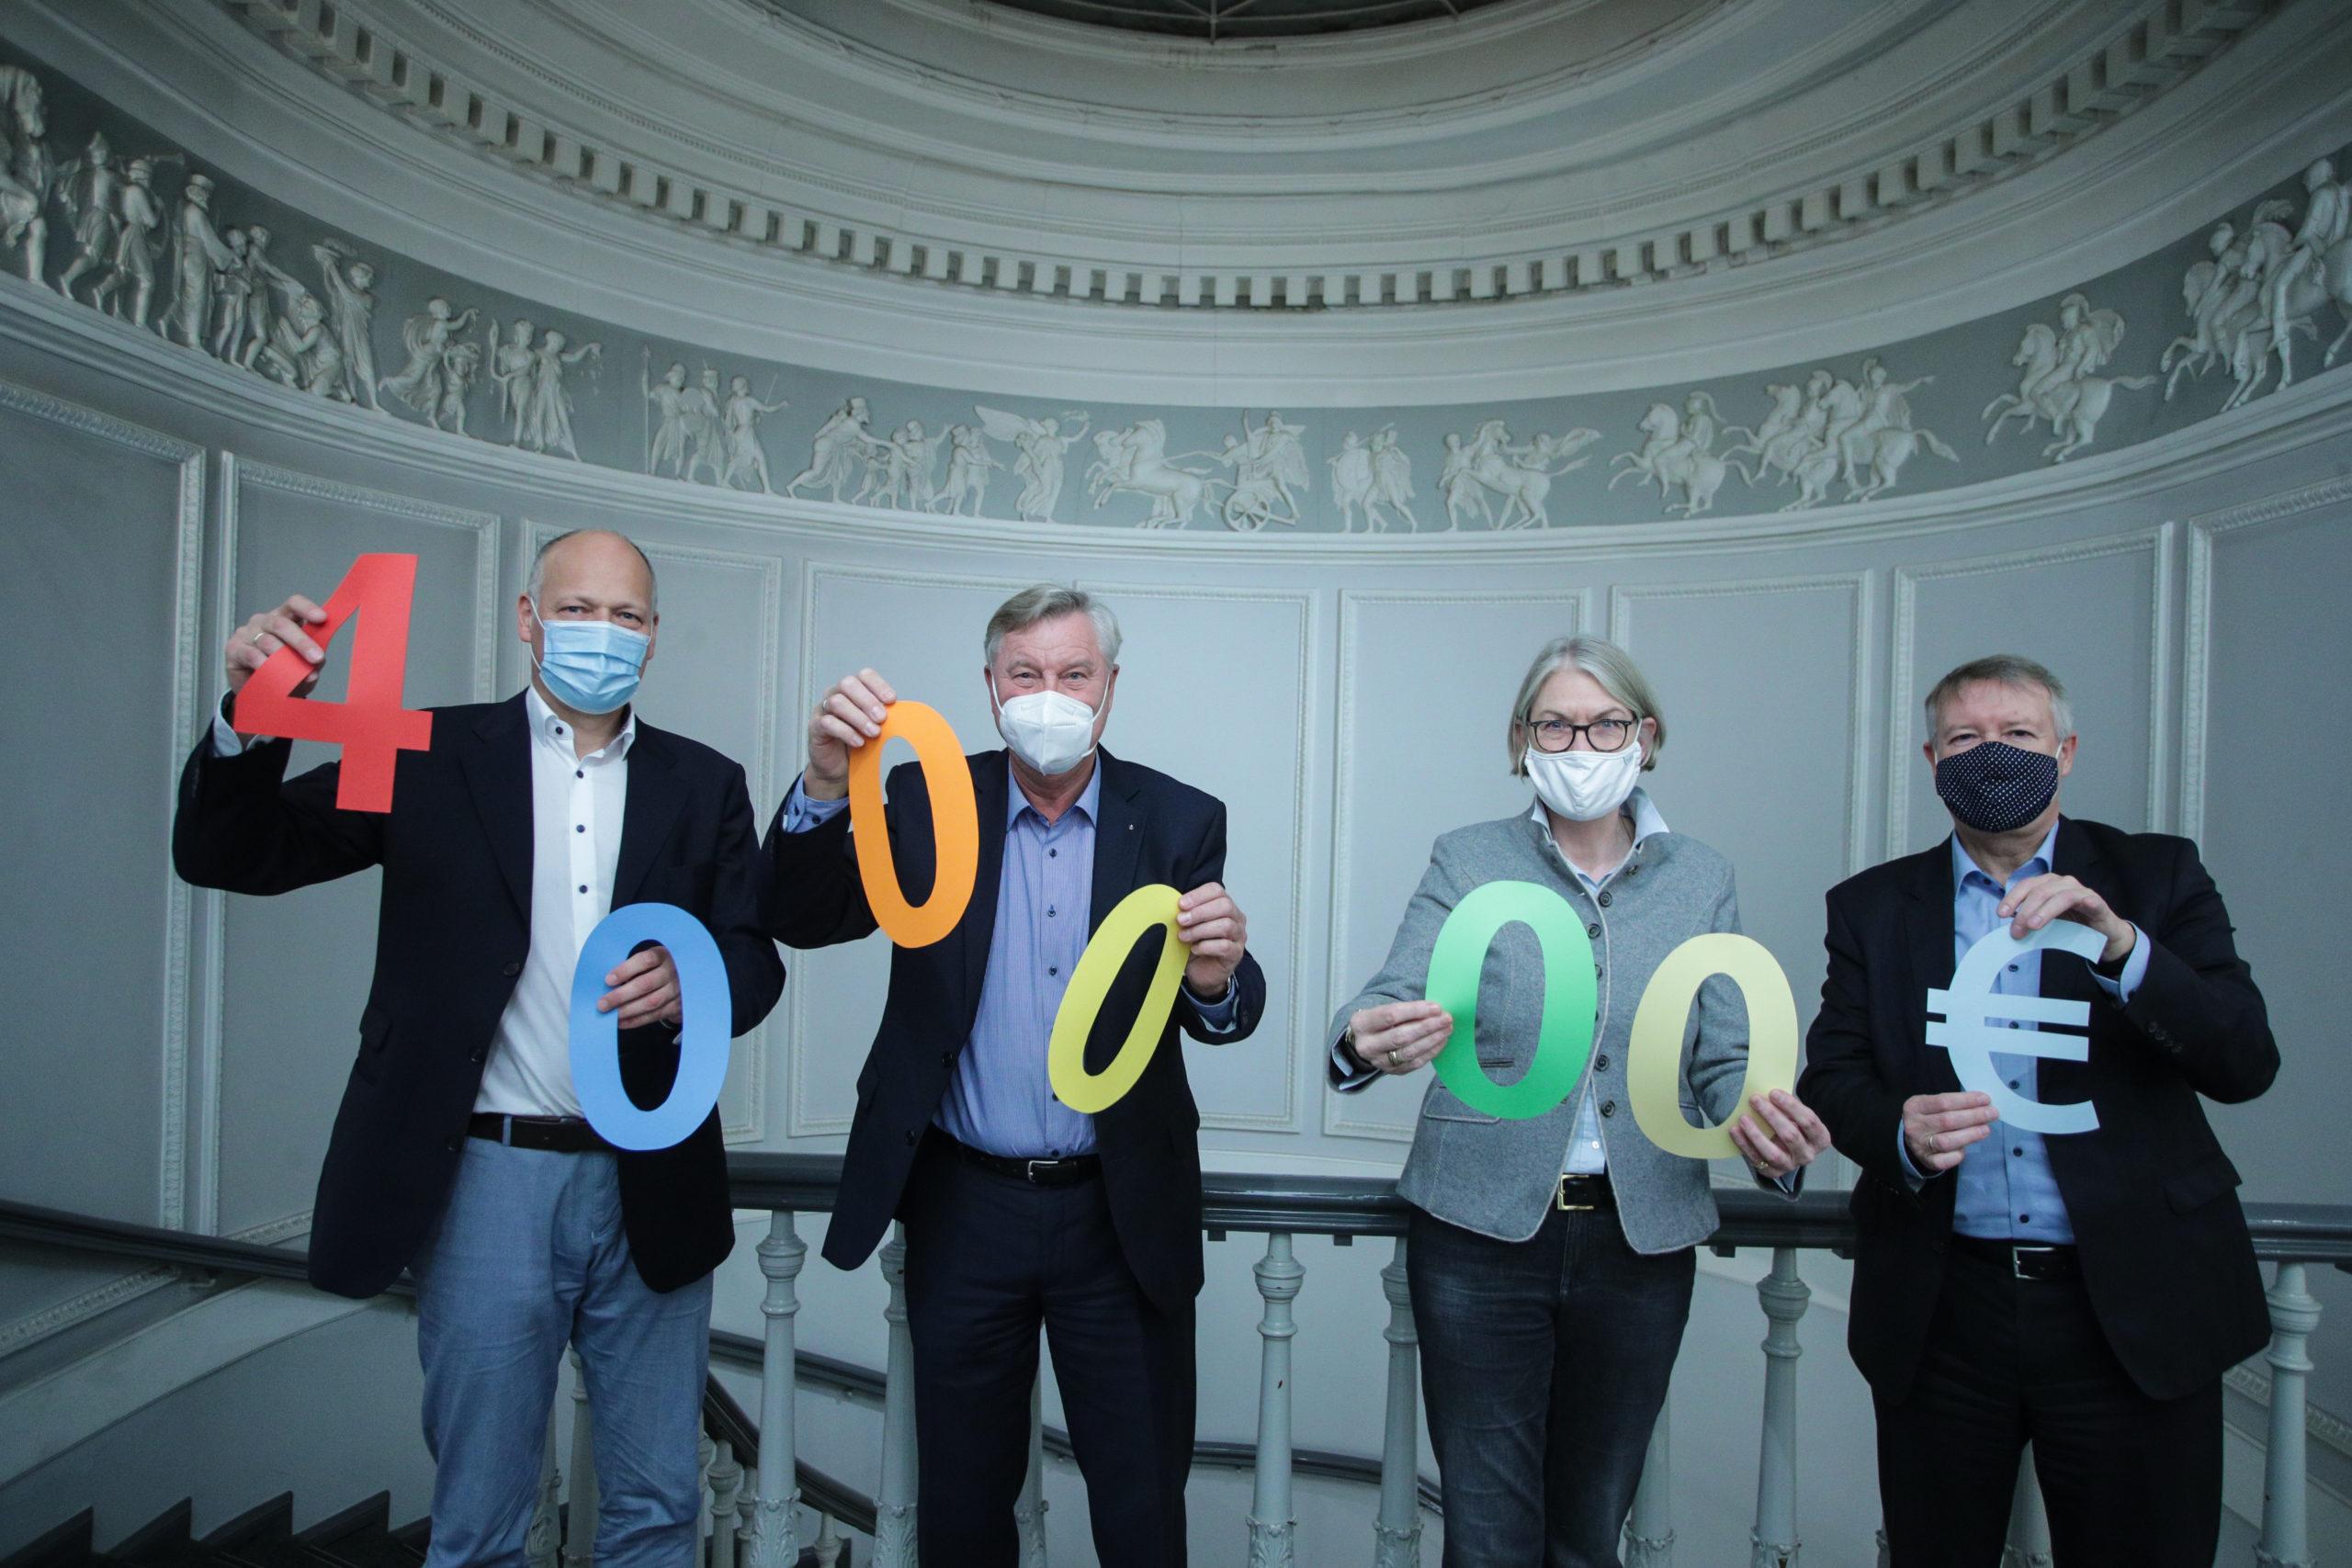 Die Gemeinnützige Sparkassenstiftung zu Lübeck unterstützt die Gemeinnützige in diesem Jahr mit einer Zuwendung in Höhe von 400.000 Euro.